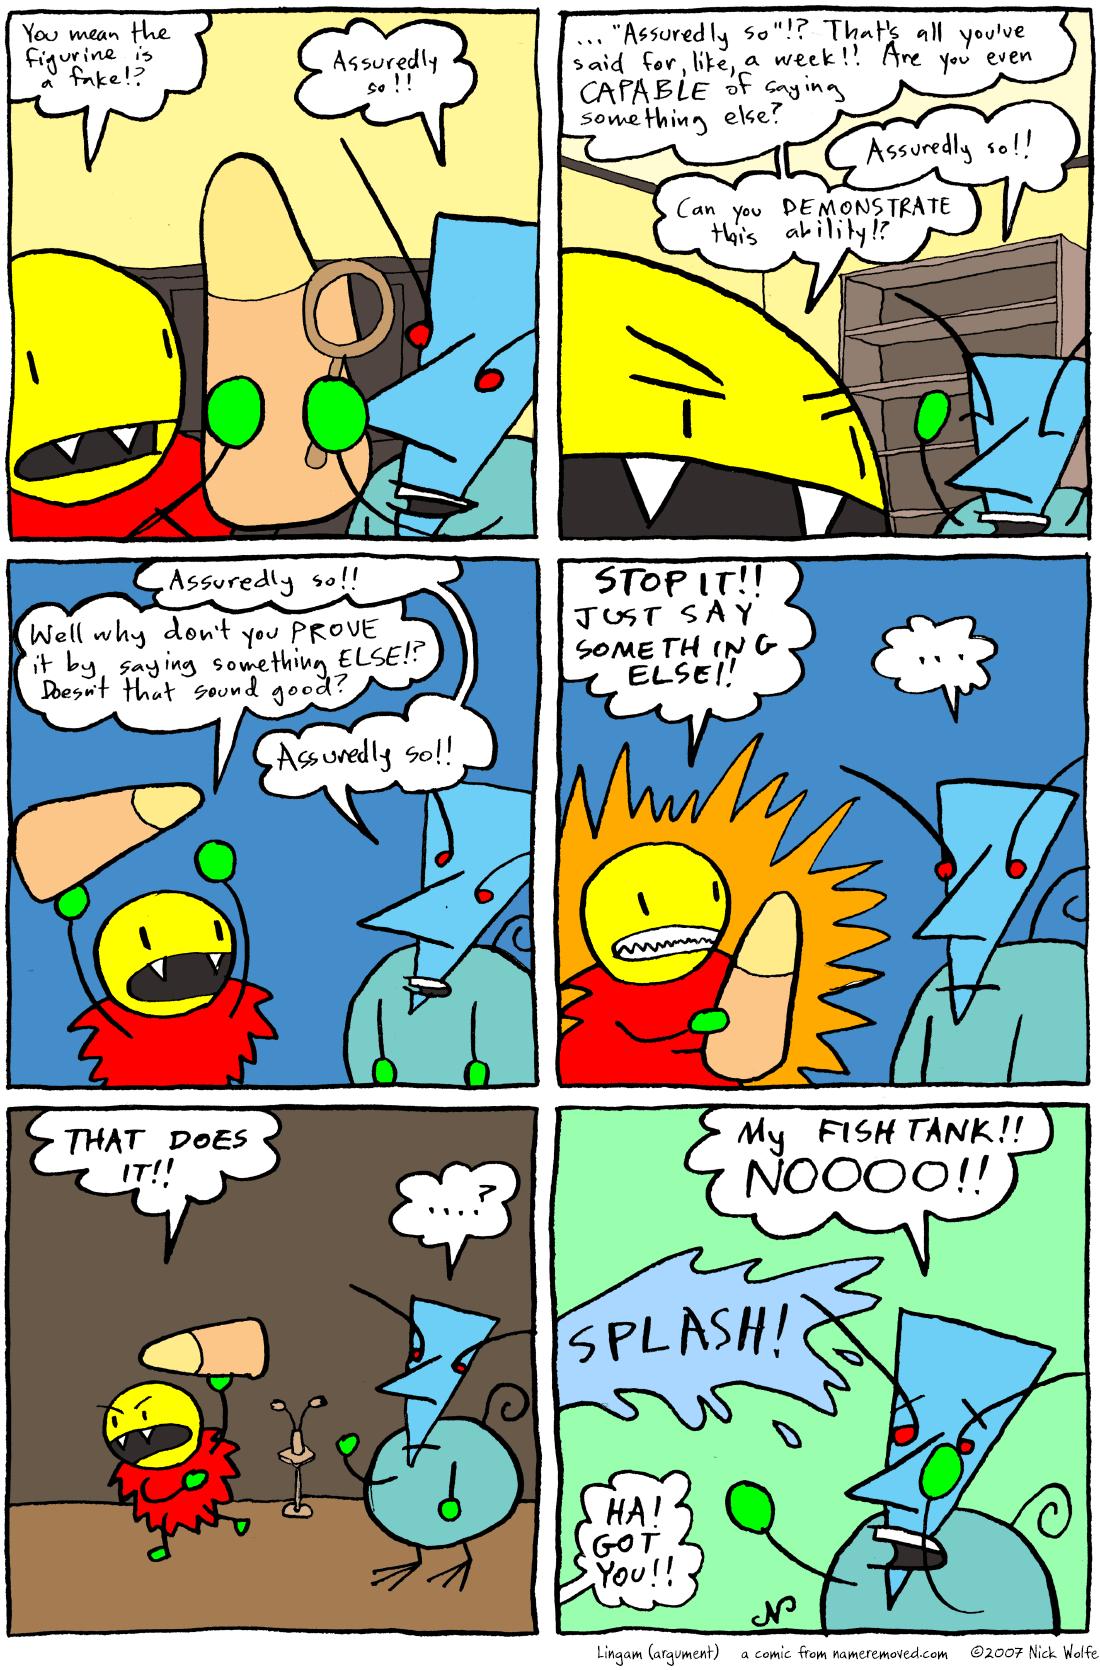 Lingam (argument)